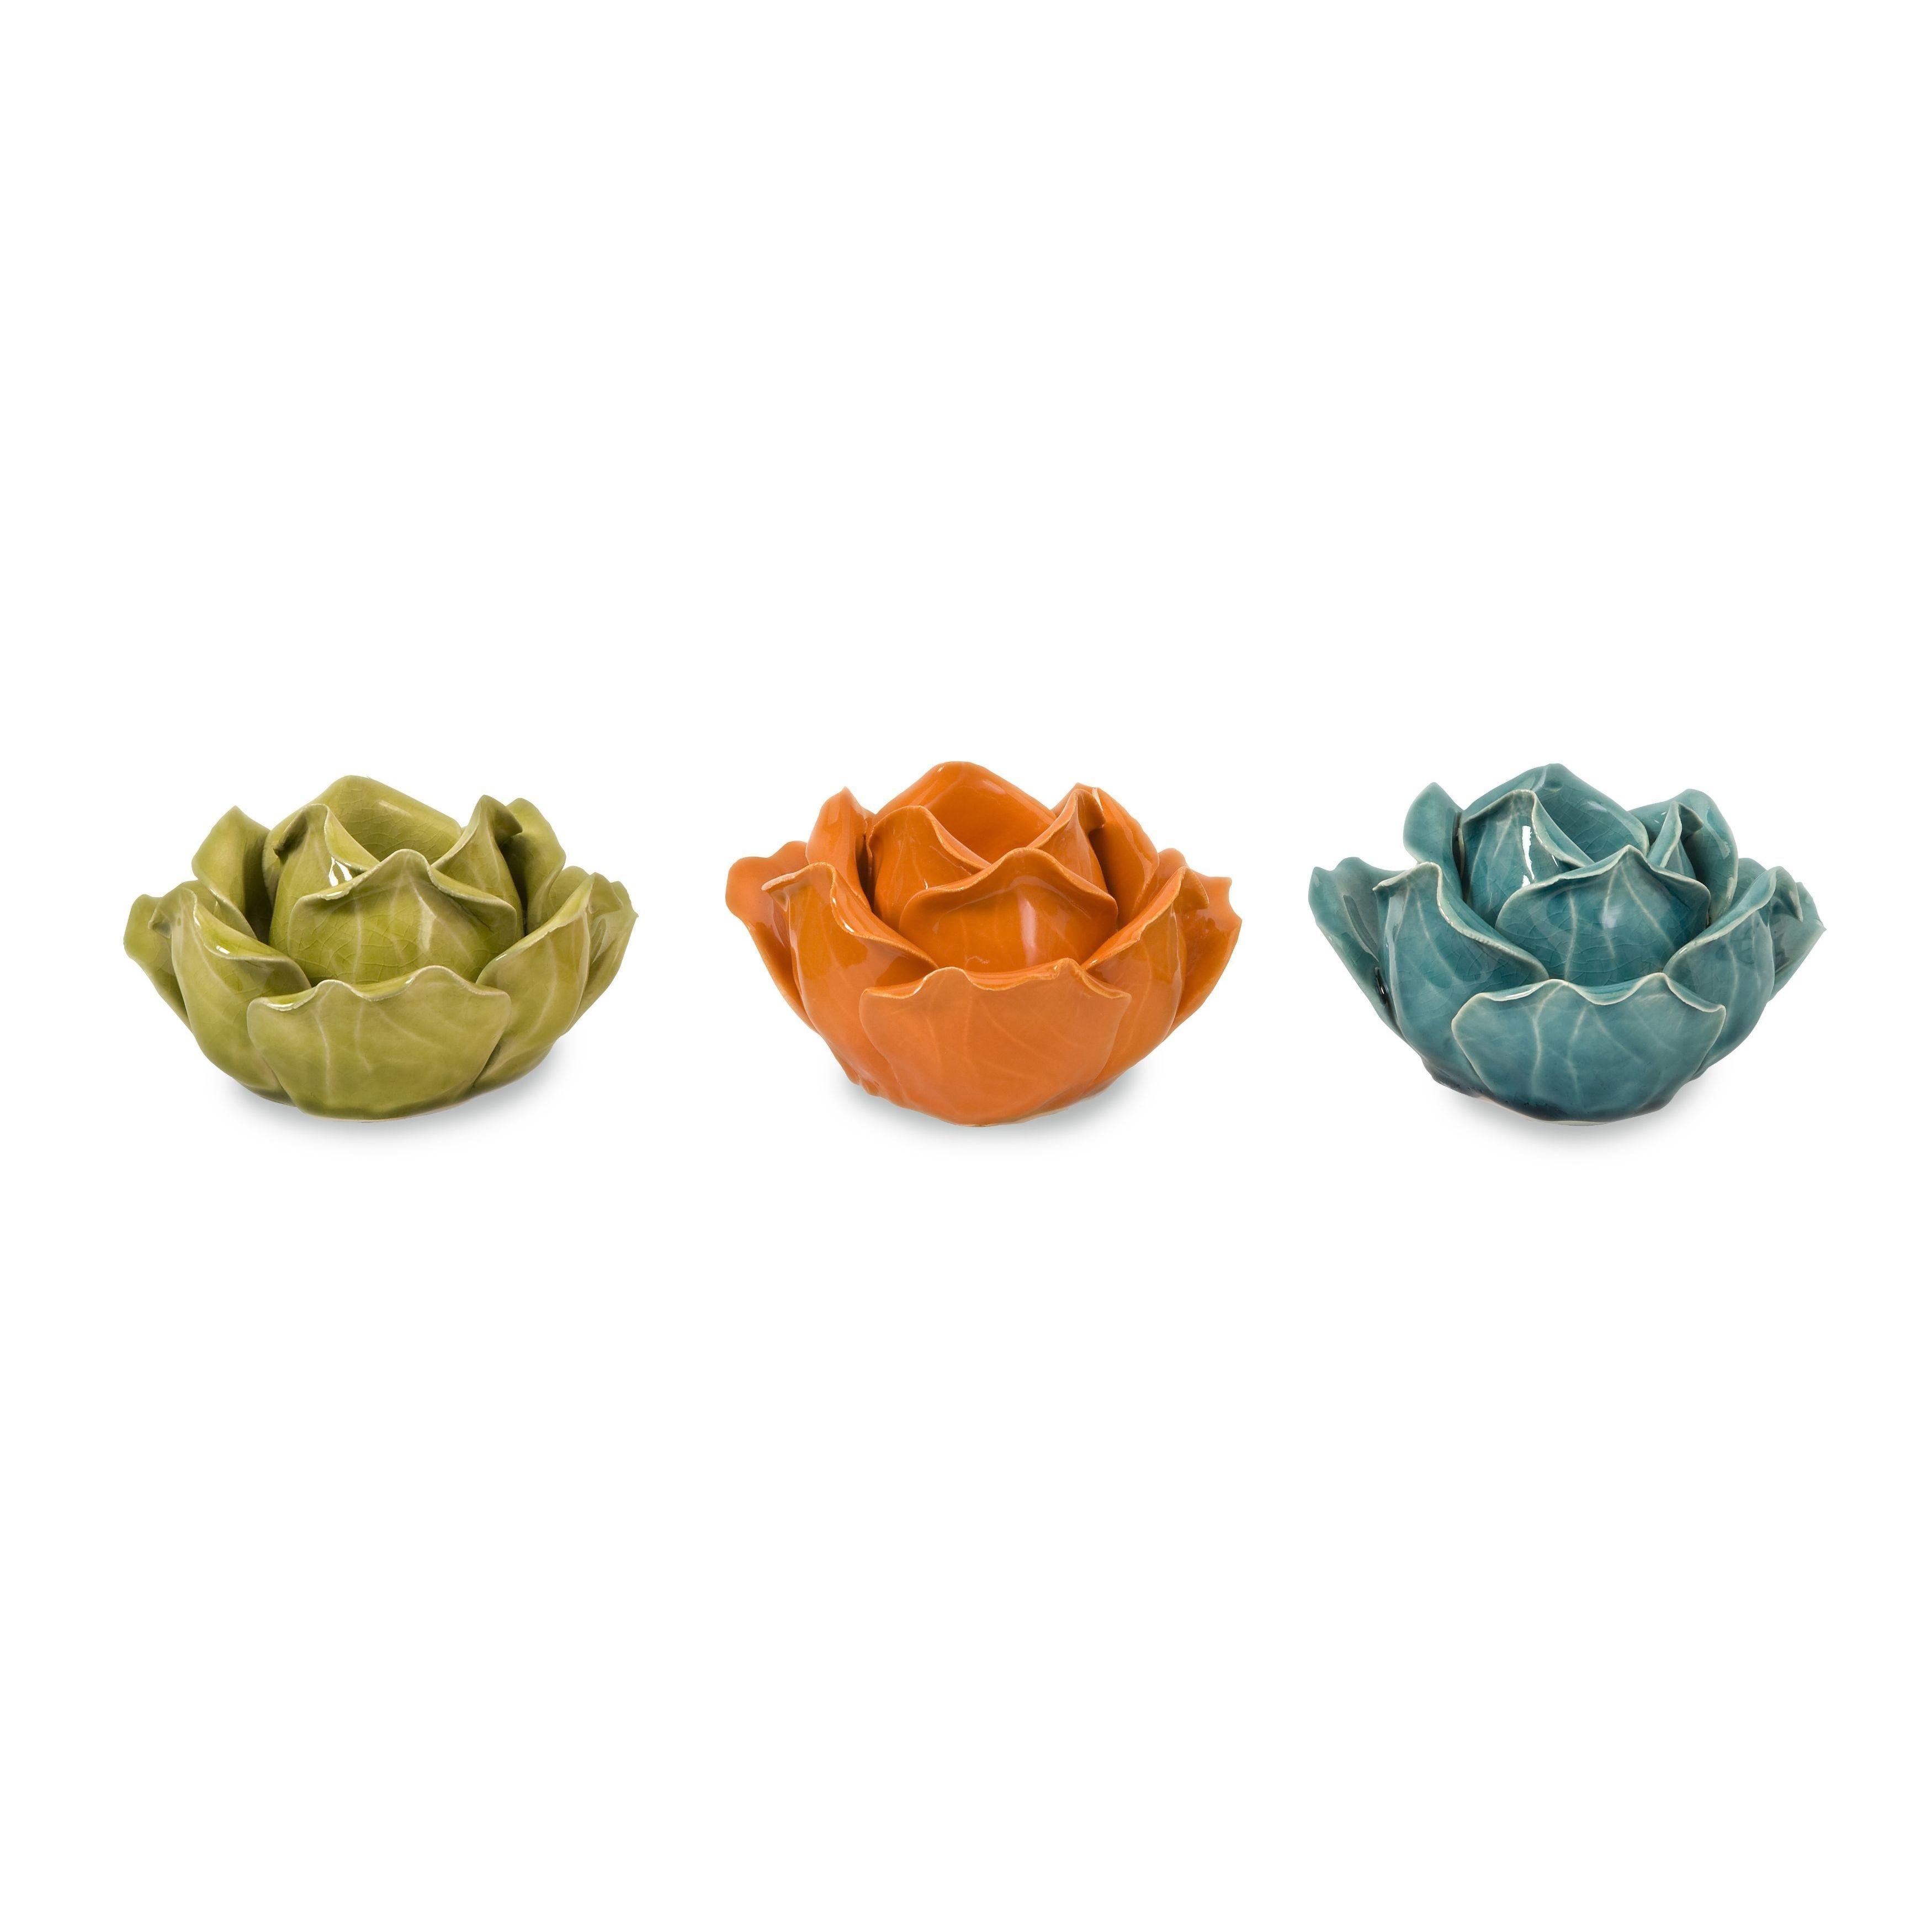 IMAX Chelan Flower Candleholders in Gift Box - Set of 3 (...